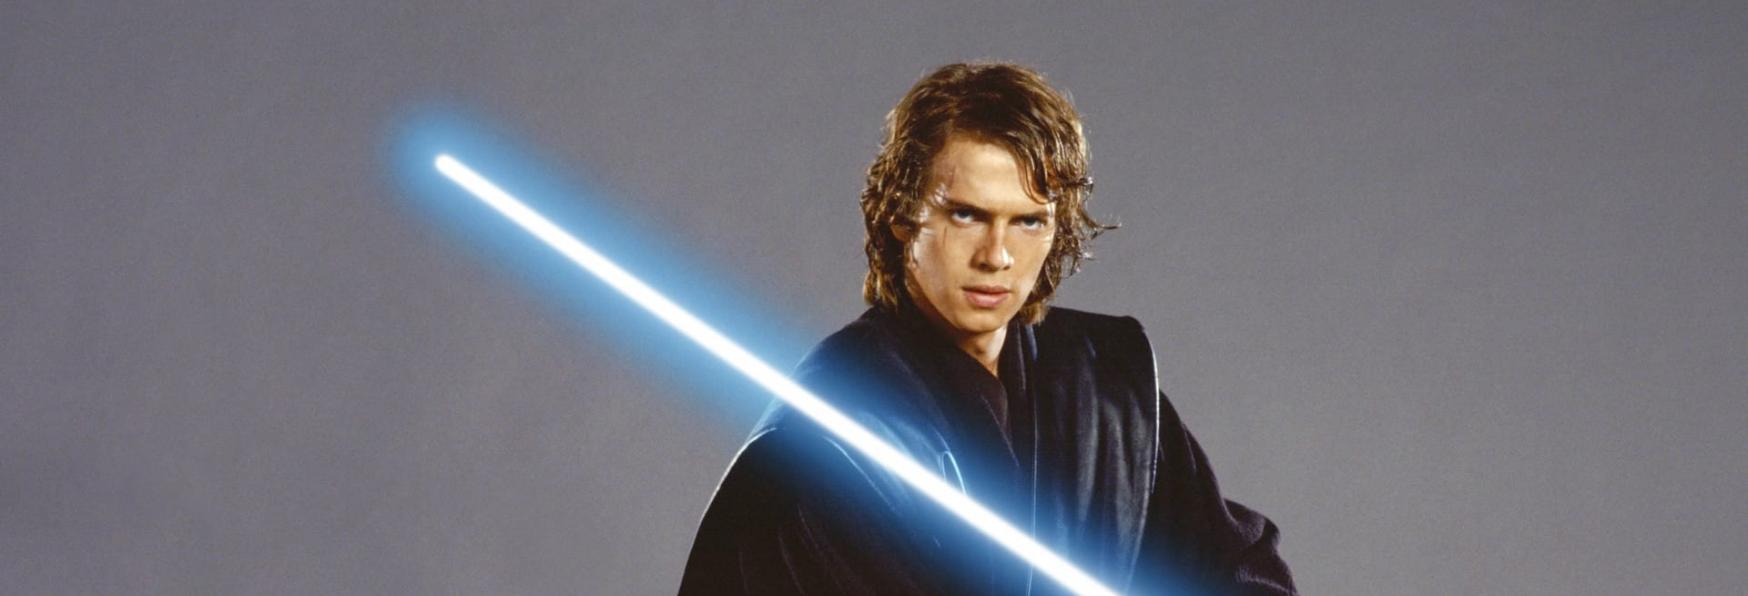 Obi-Wan Kenobi: Hayden Christensen parla del suo Ritorno al Ruolo di Darth Vader